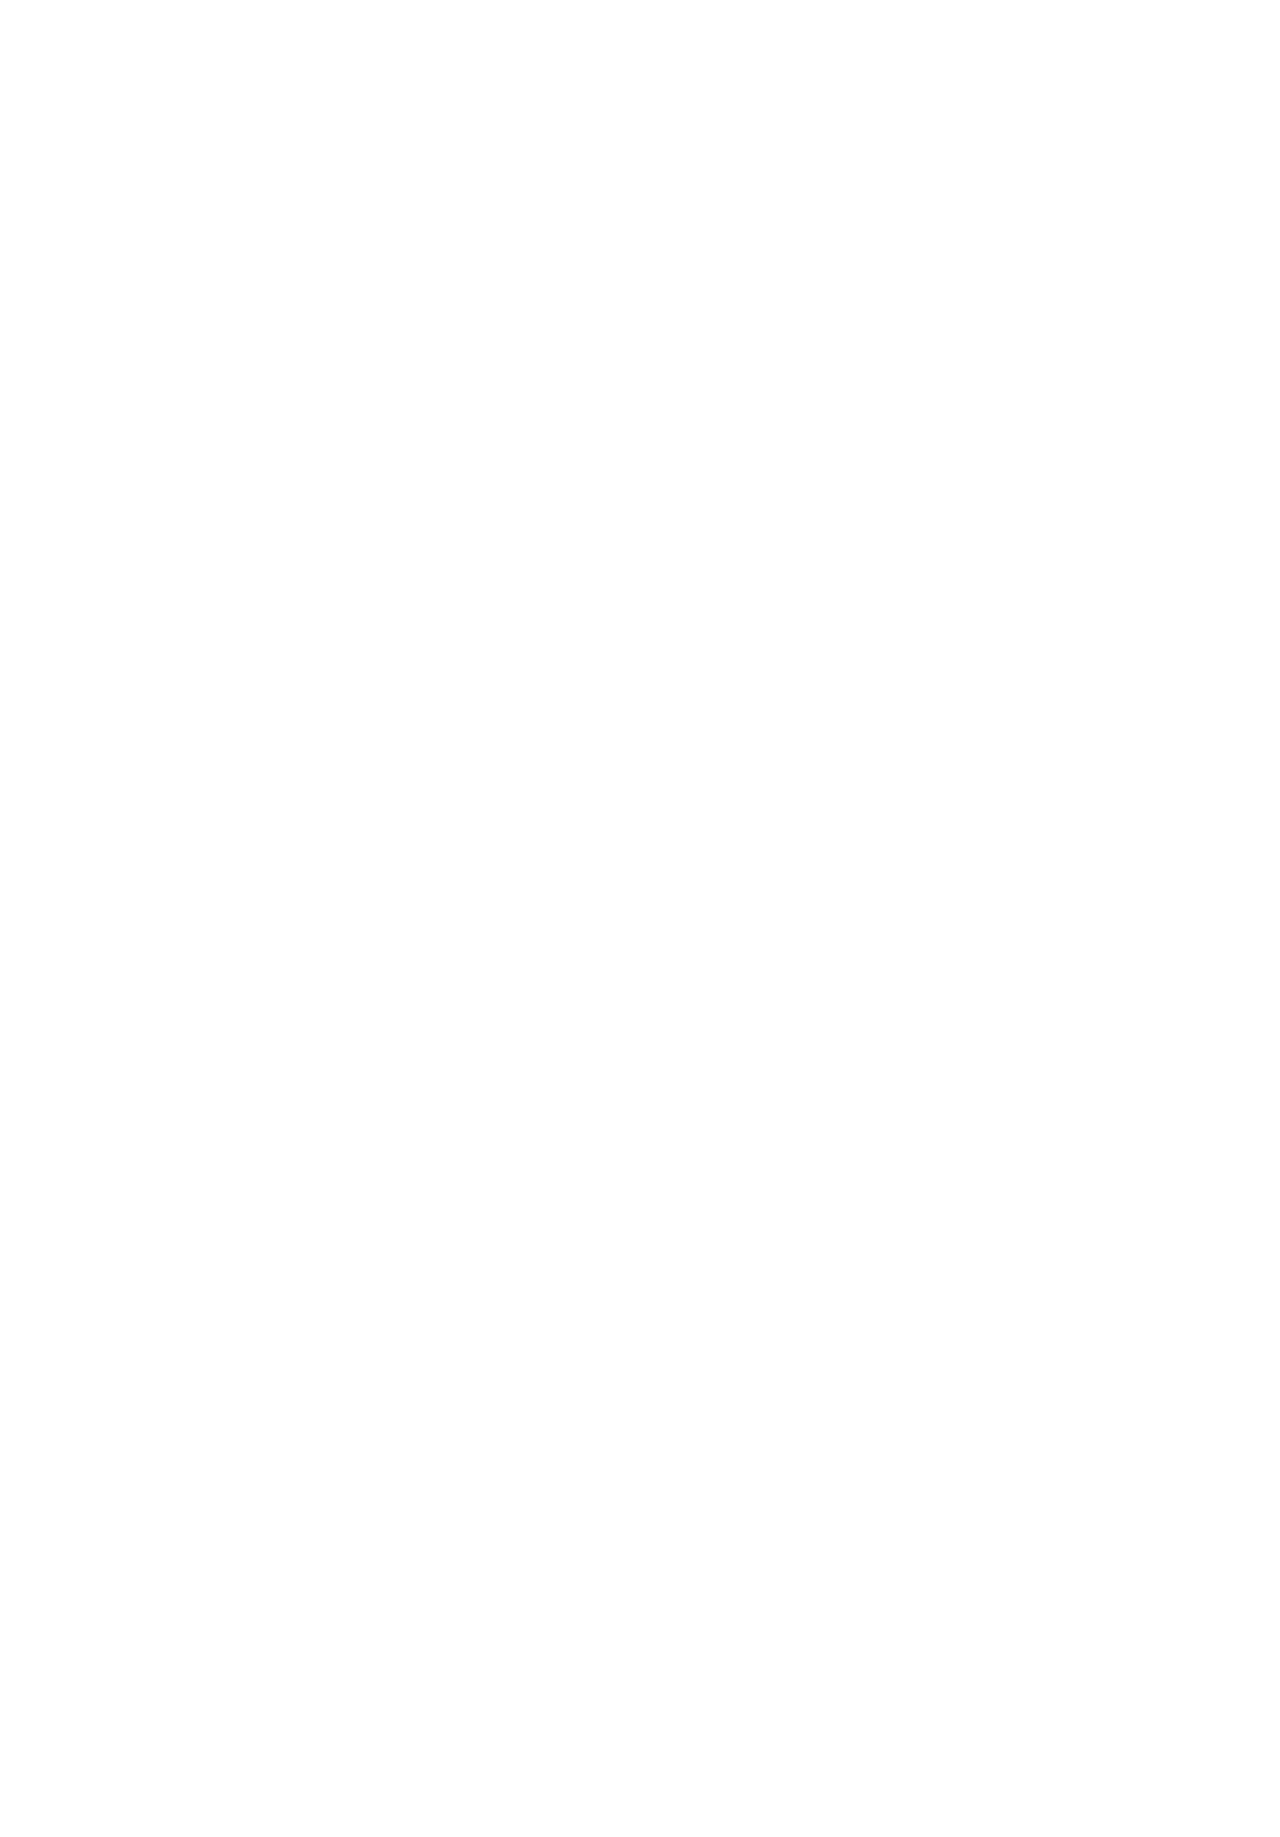 Fack DOLL Jibun no Onaho de Shikoshiko Shichau Vtuber 26